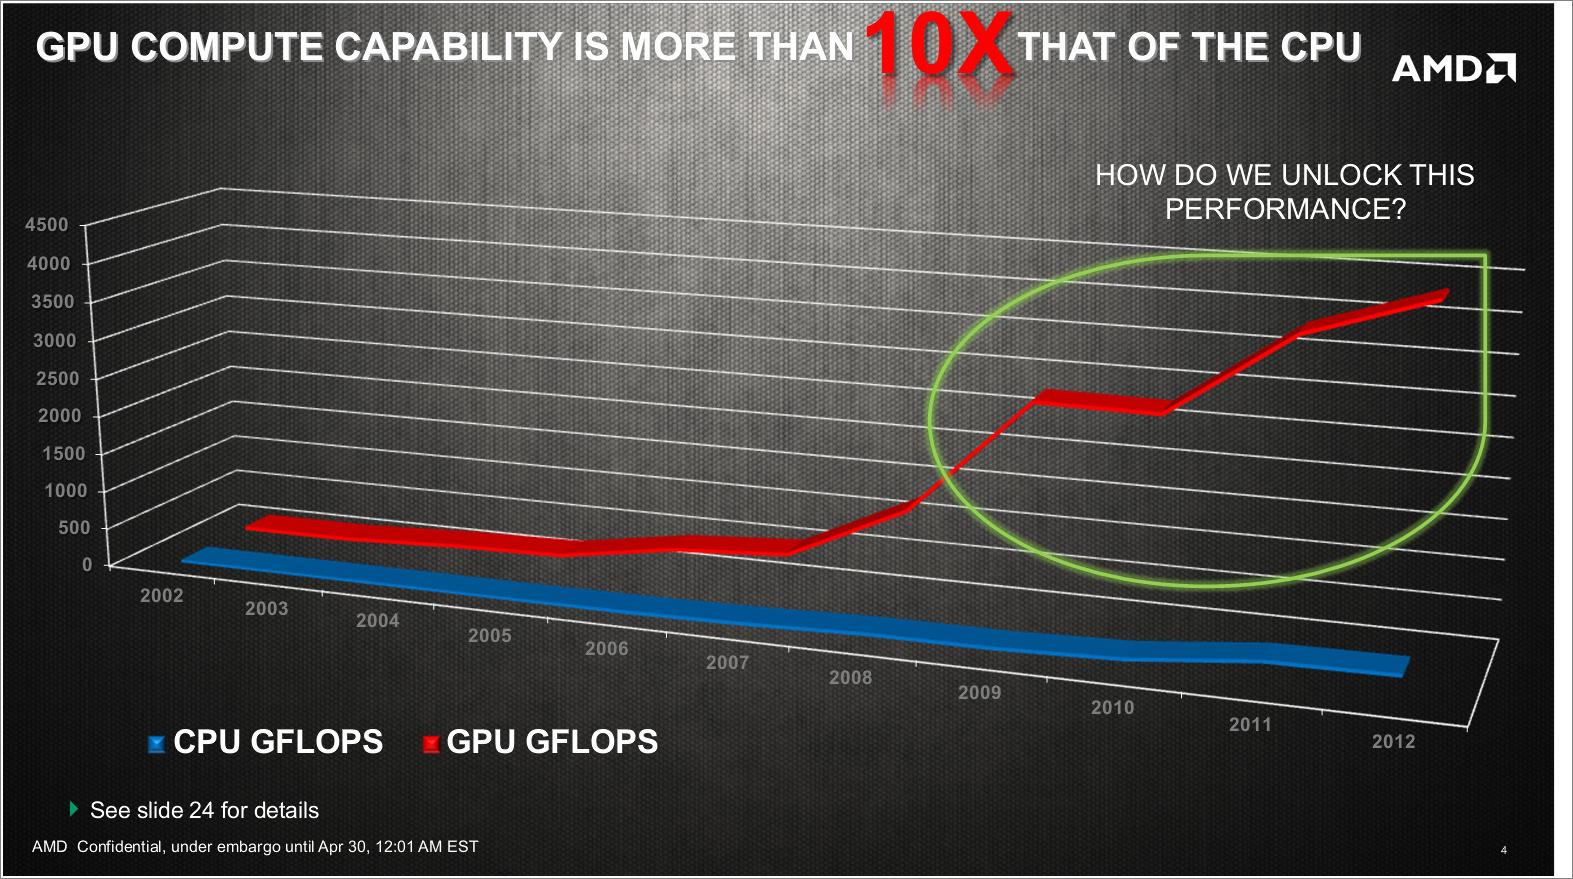 Huma: Gemeinsamer Speicher für CPU und GPU nicht nur für PS4 - GPUs entwickeln sich schneller als CPUs.